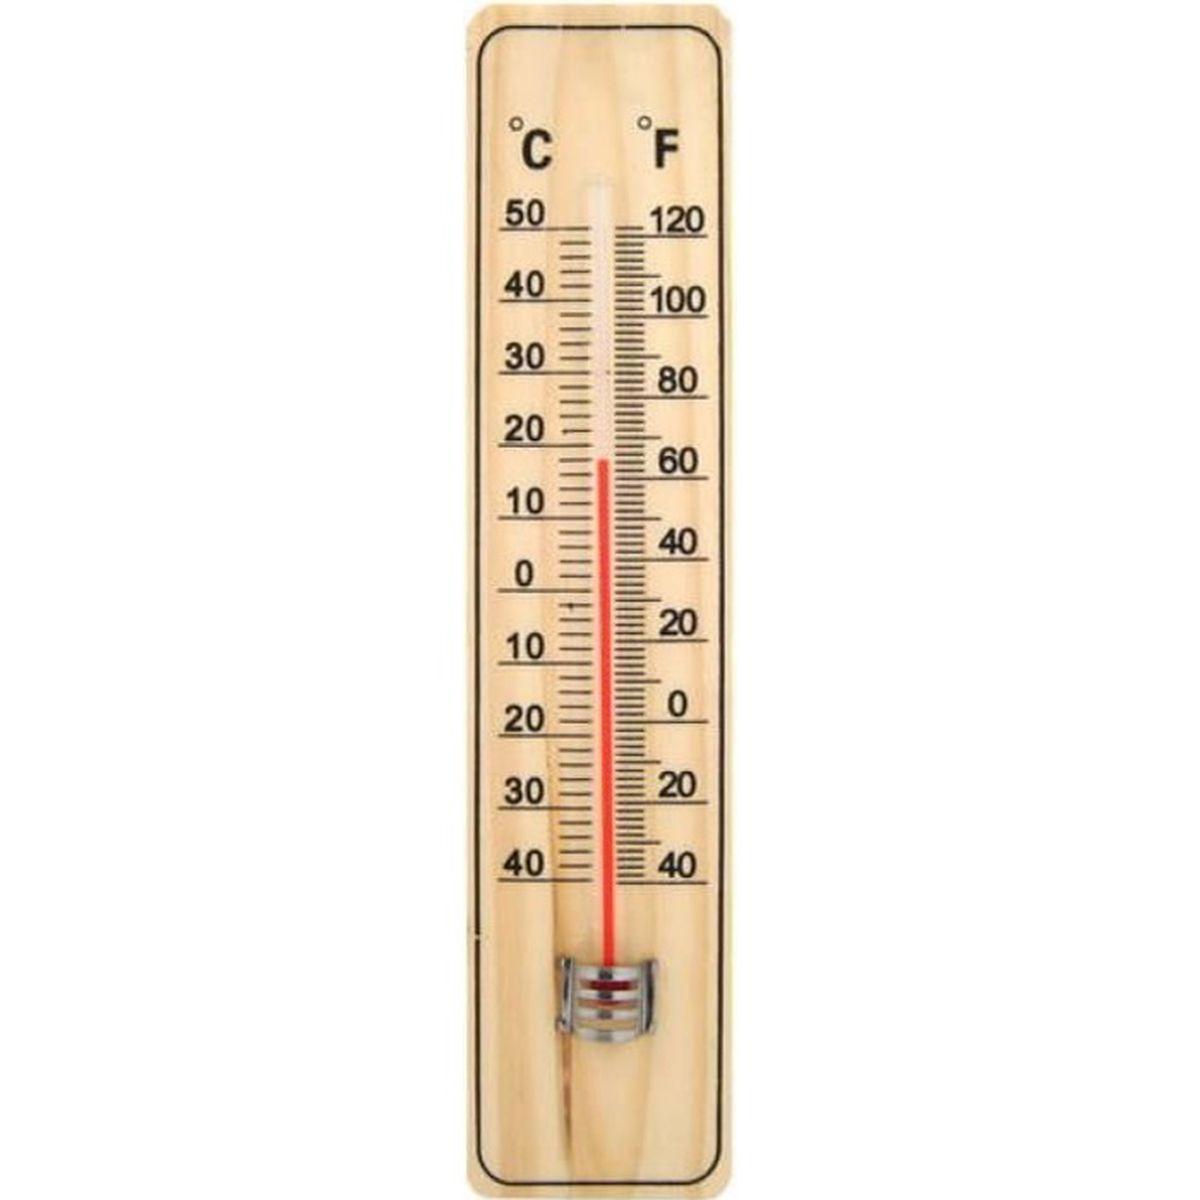 Acheter Thermometre Exterieur